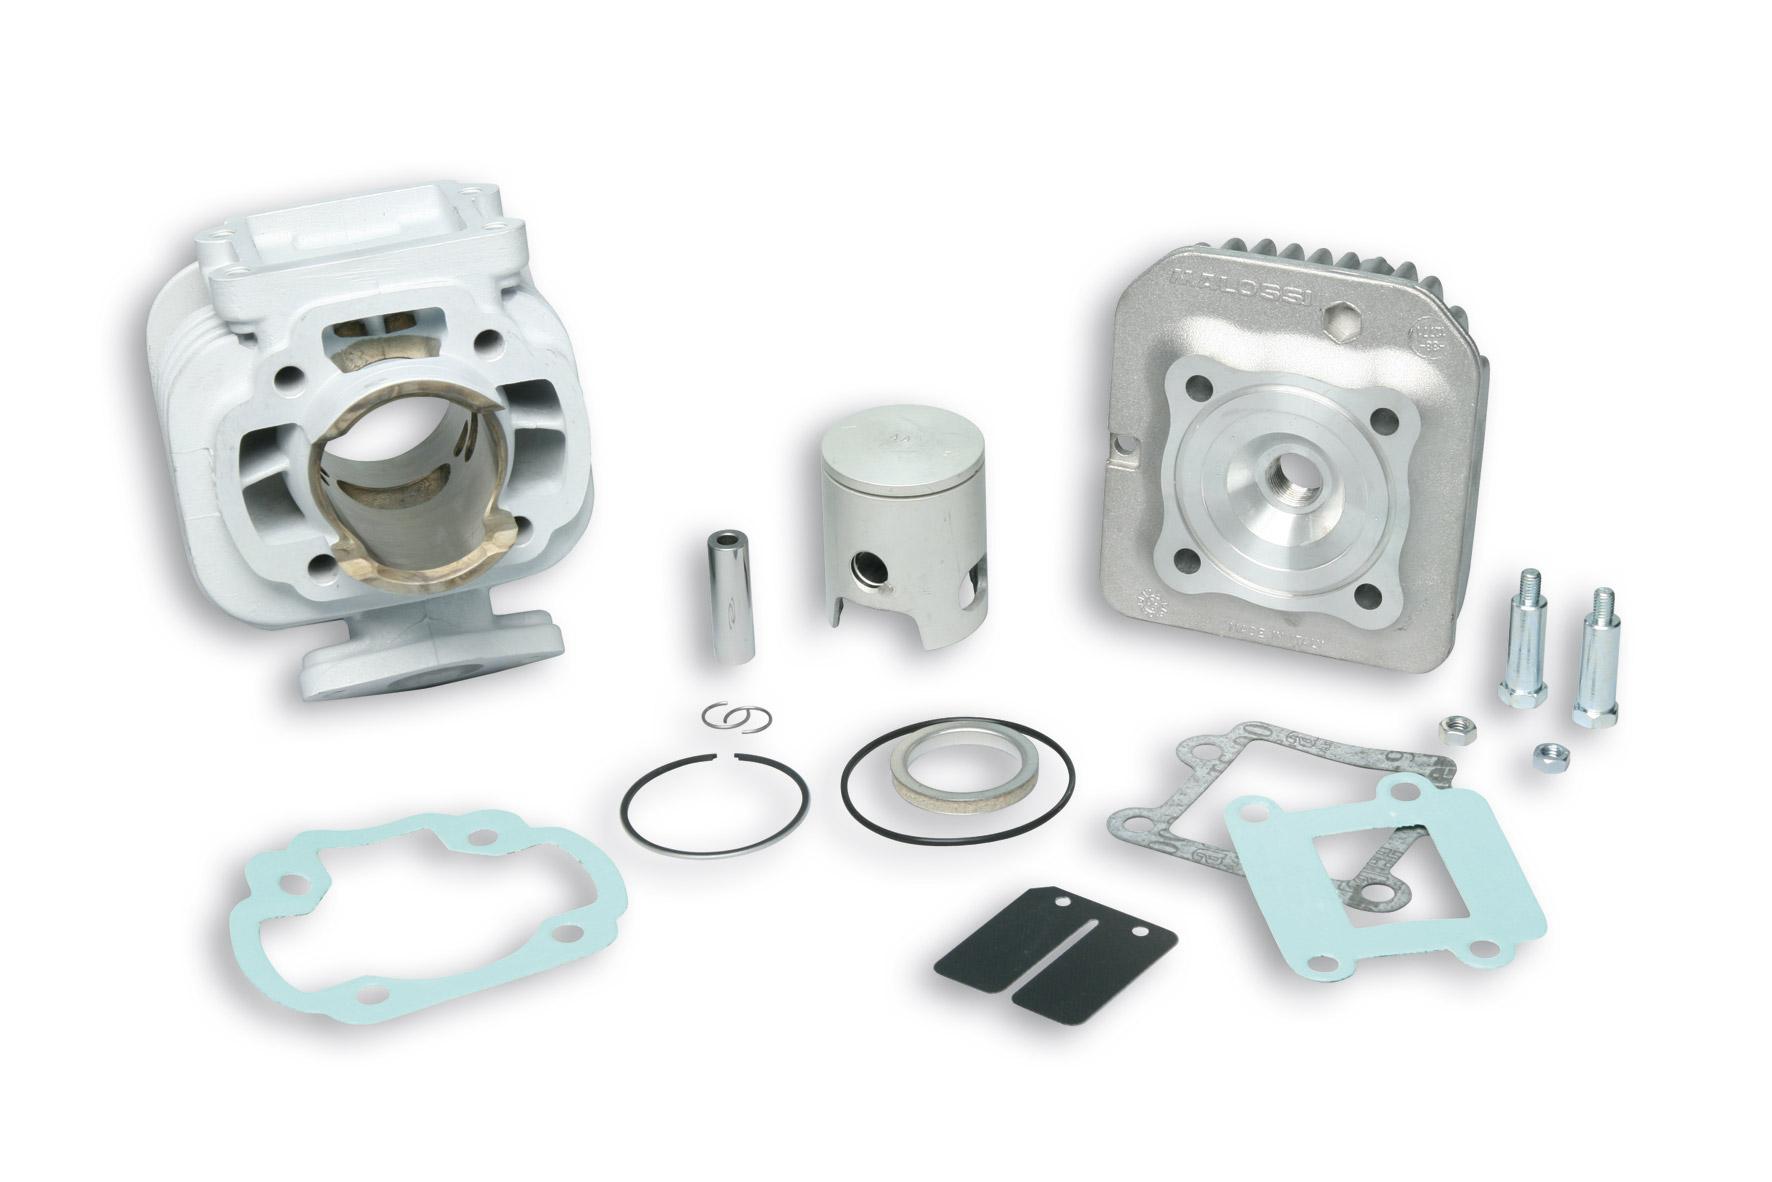 alumin cylinder kit 50 cc pin 10 mhr dettaglio prodotto malossistore. Black Bedroom Furniture Sets. Home Design Ideas